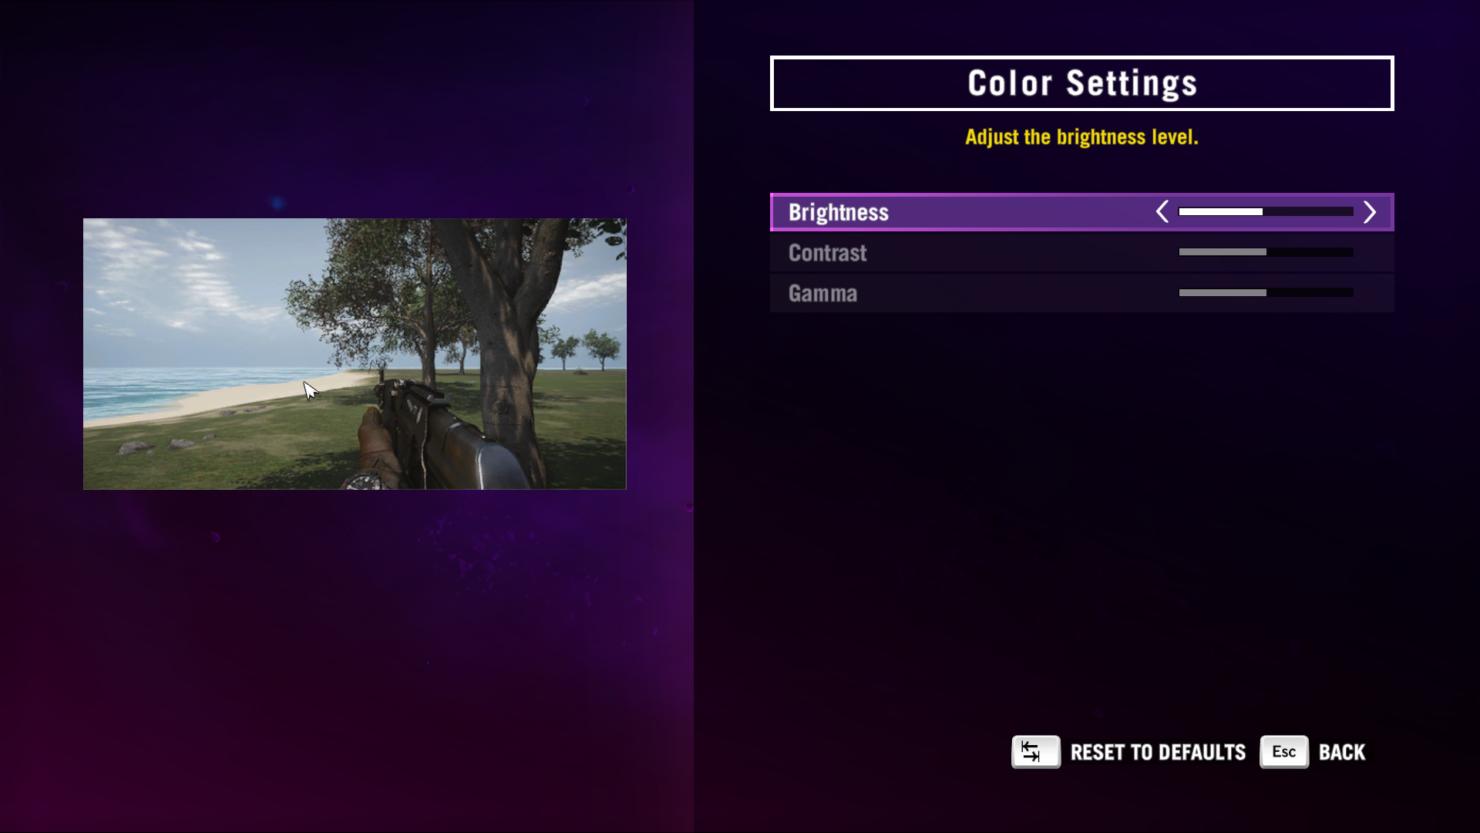 far-cry-4-settings-menu-8